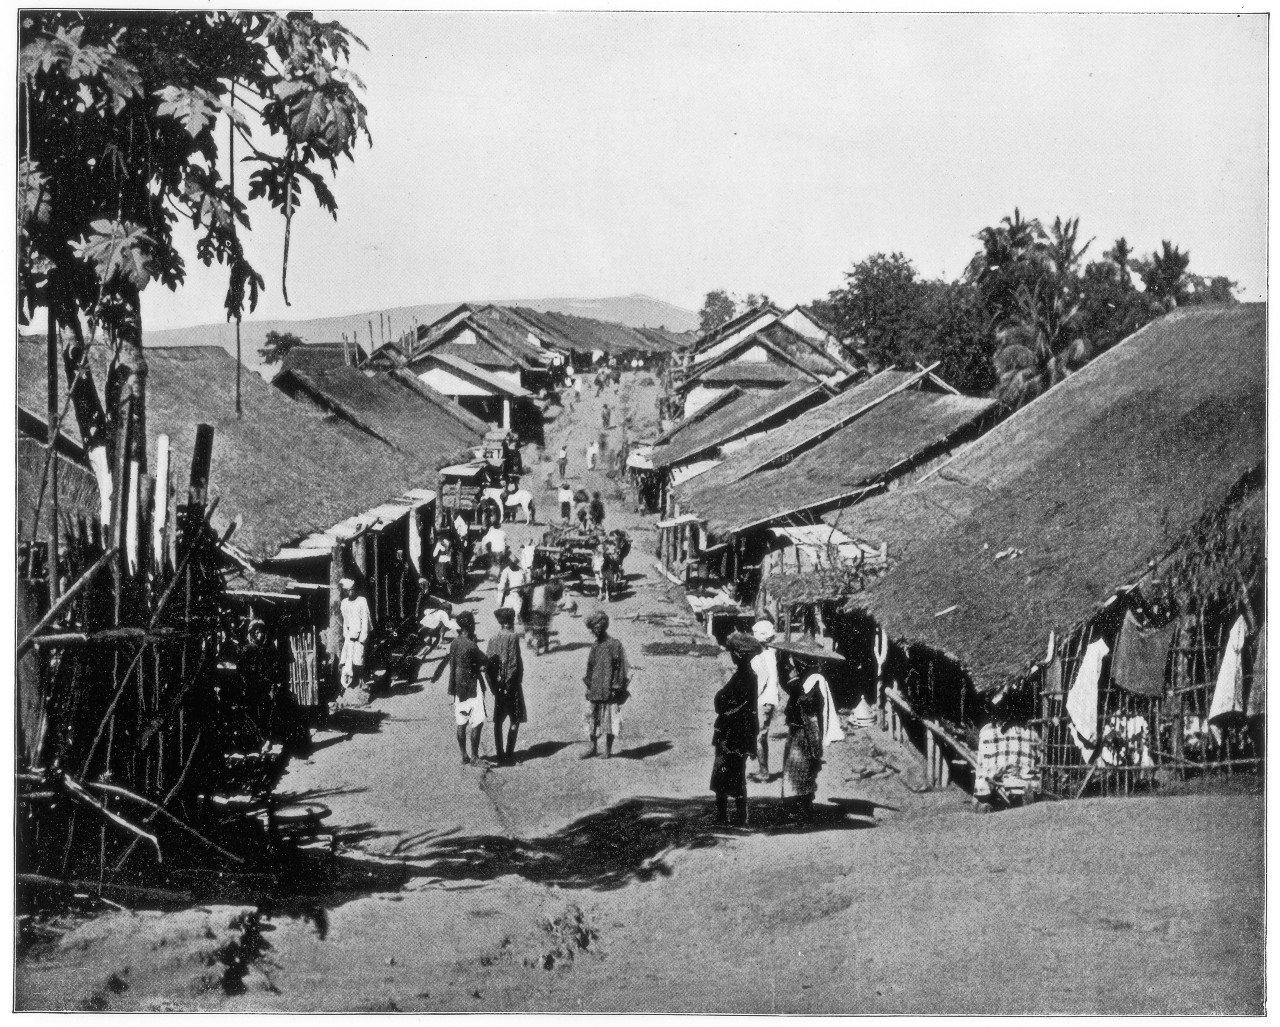 Wioski takie jak ta w Kalkucie, zdjęcia z lat 90. XIX wieku, były pełne cholery